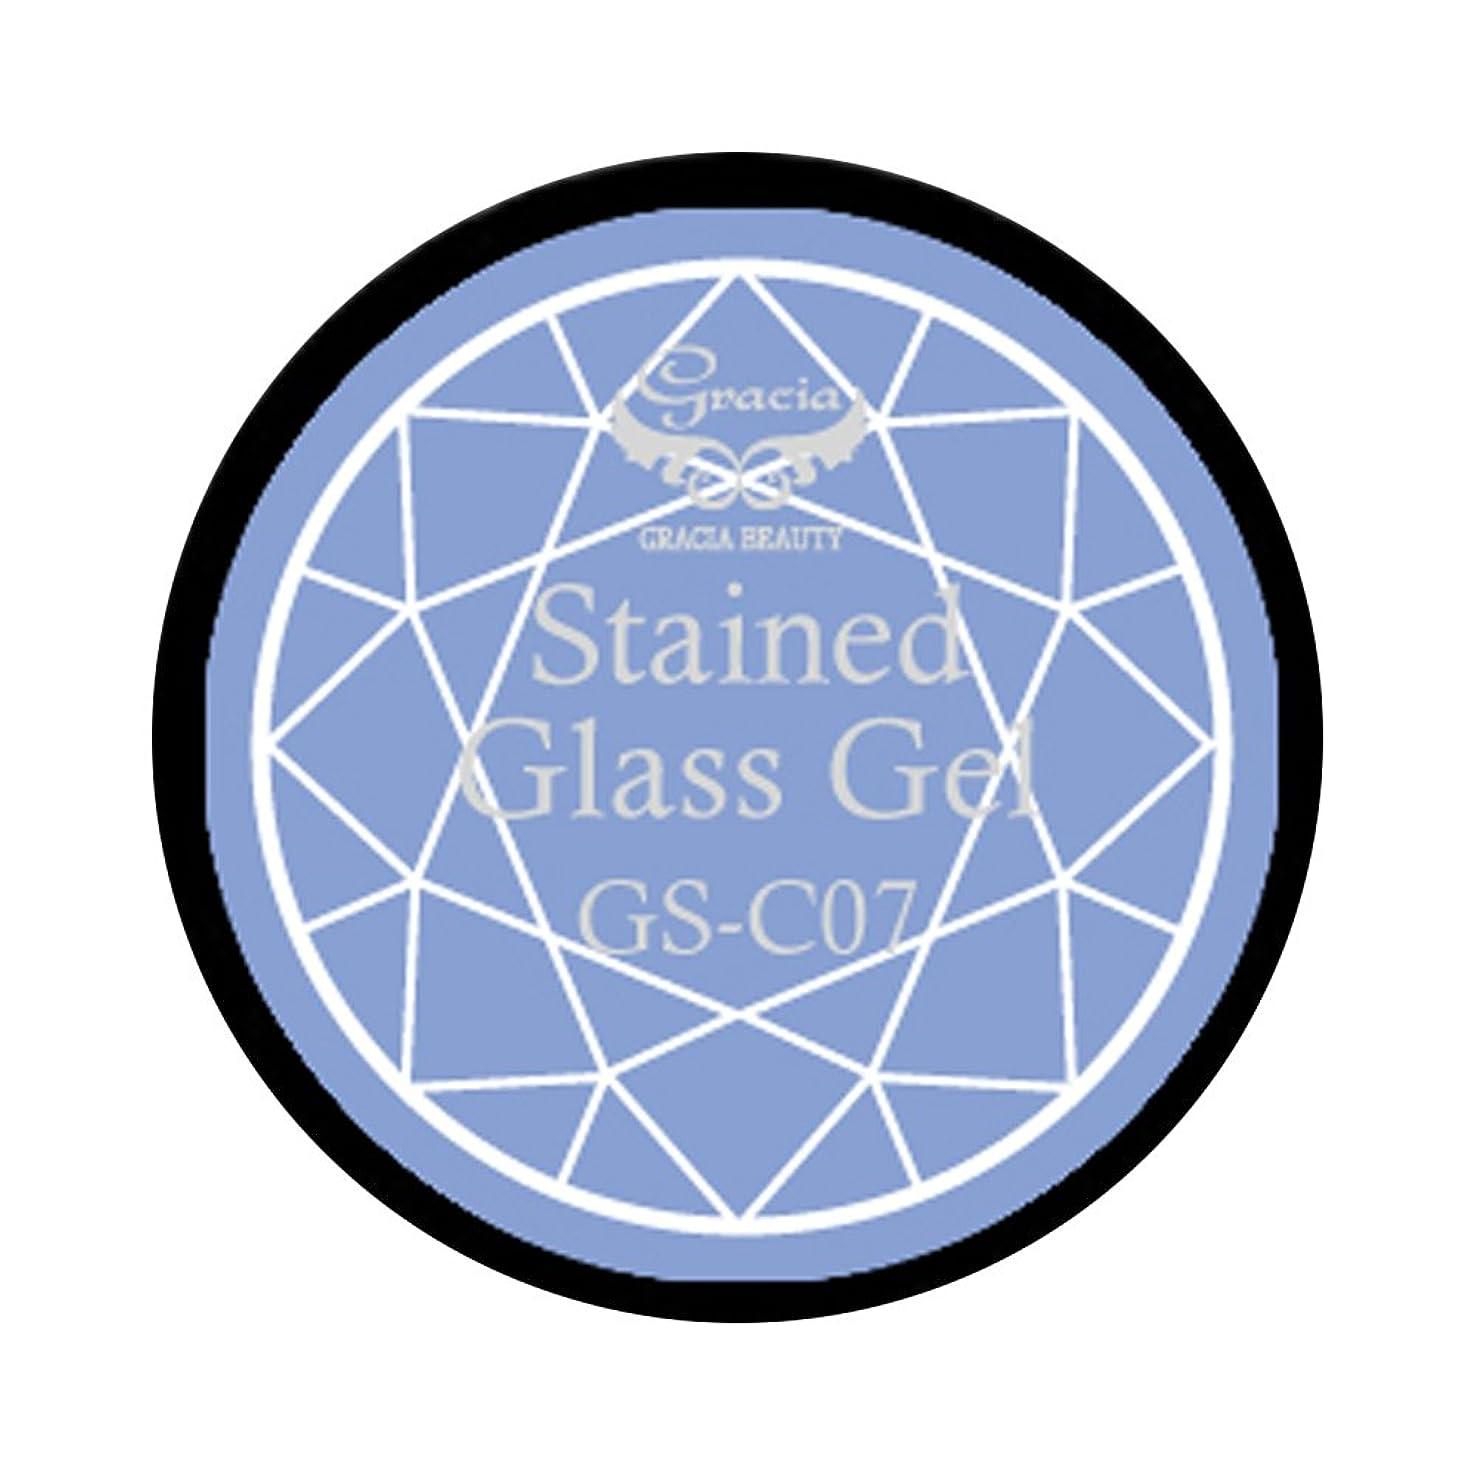 永遠の投資する先にグラシア ジェルネイル ステンドグラスジェル GSM-C07 3g  クリア UV/LED対応 カラージェル ソークオフジェル ガラスのような透明感